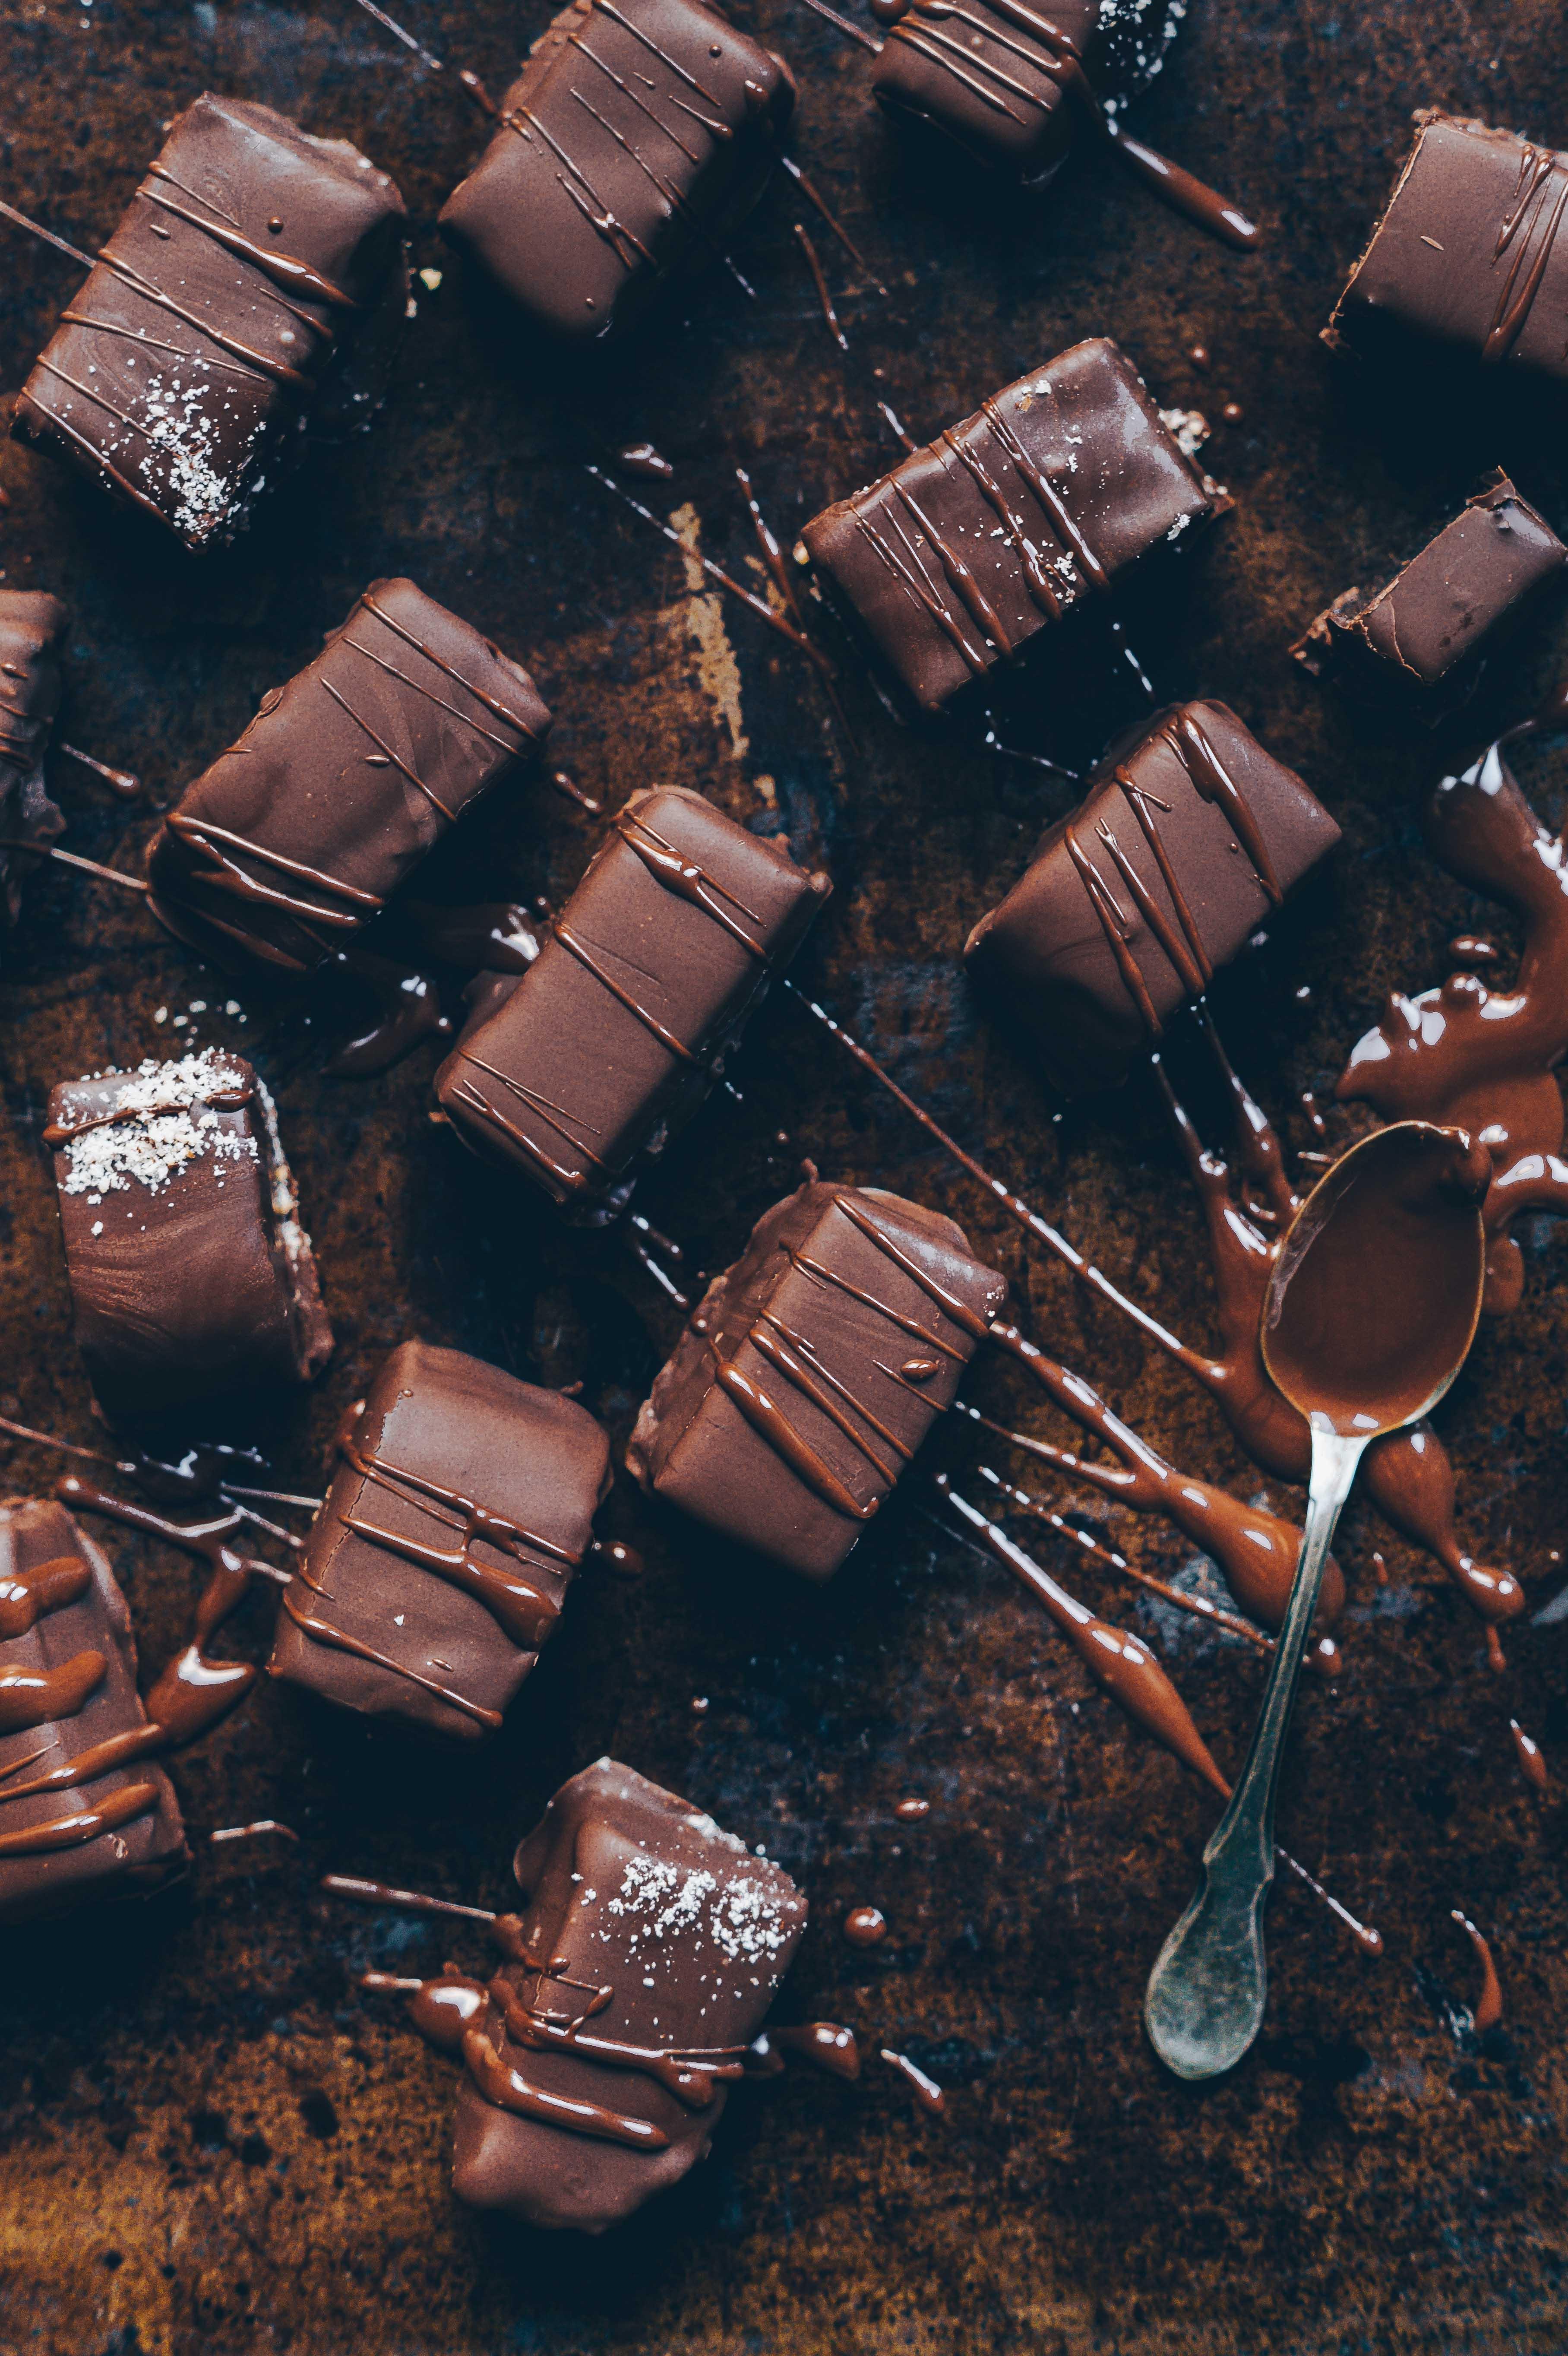 dattel Schokoladen bars